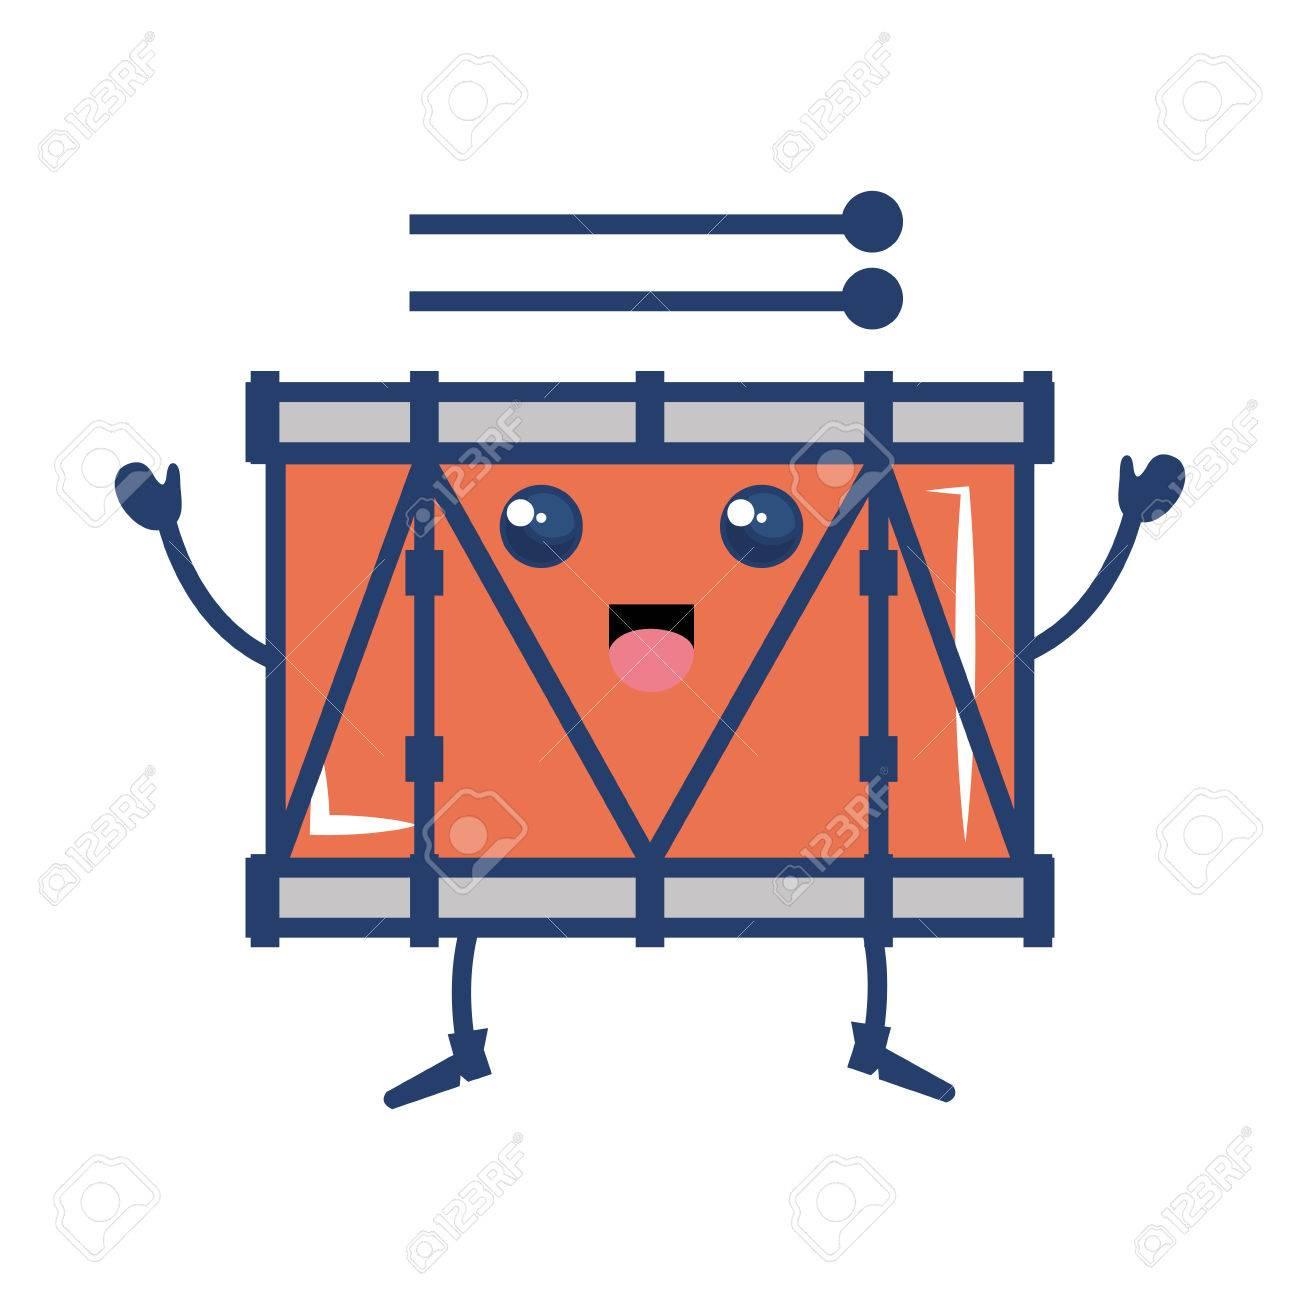 バンド ドラム楽器かわいい文字ベクトル イラスト デザインのイラスト素材 ベクタ Image